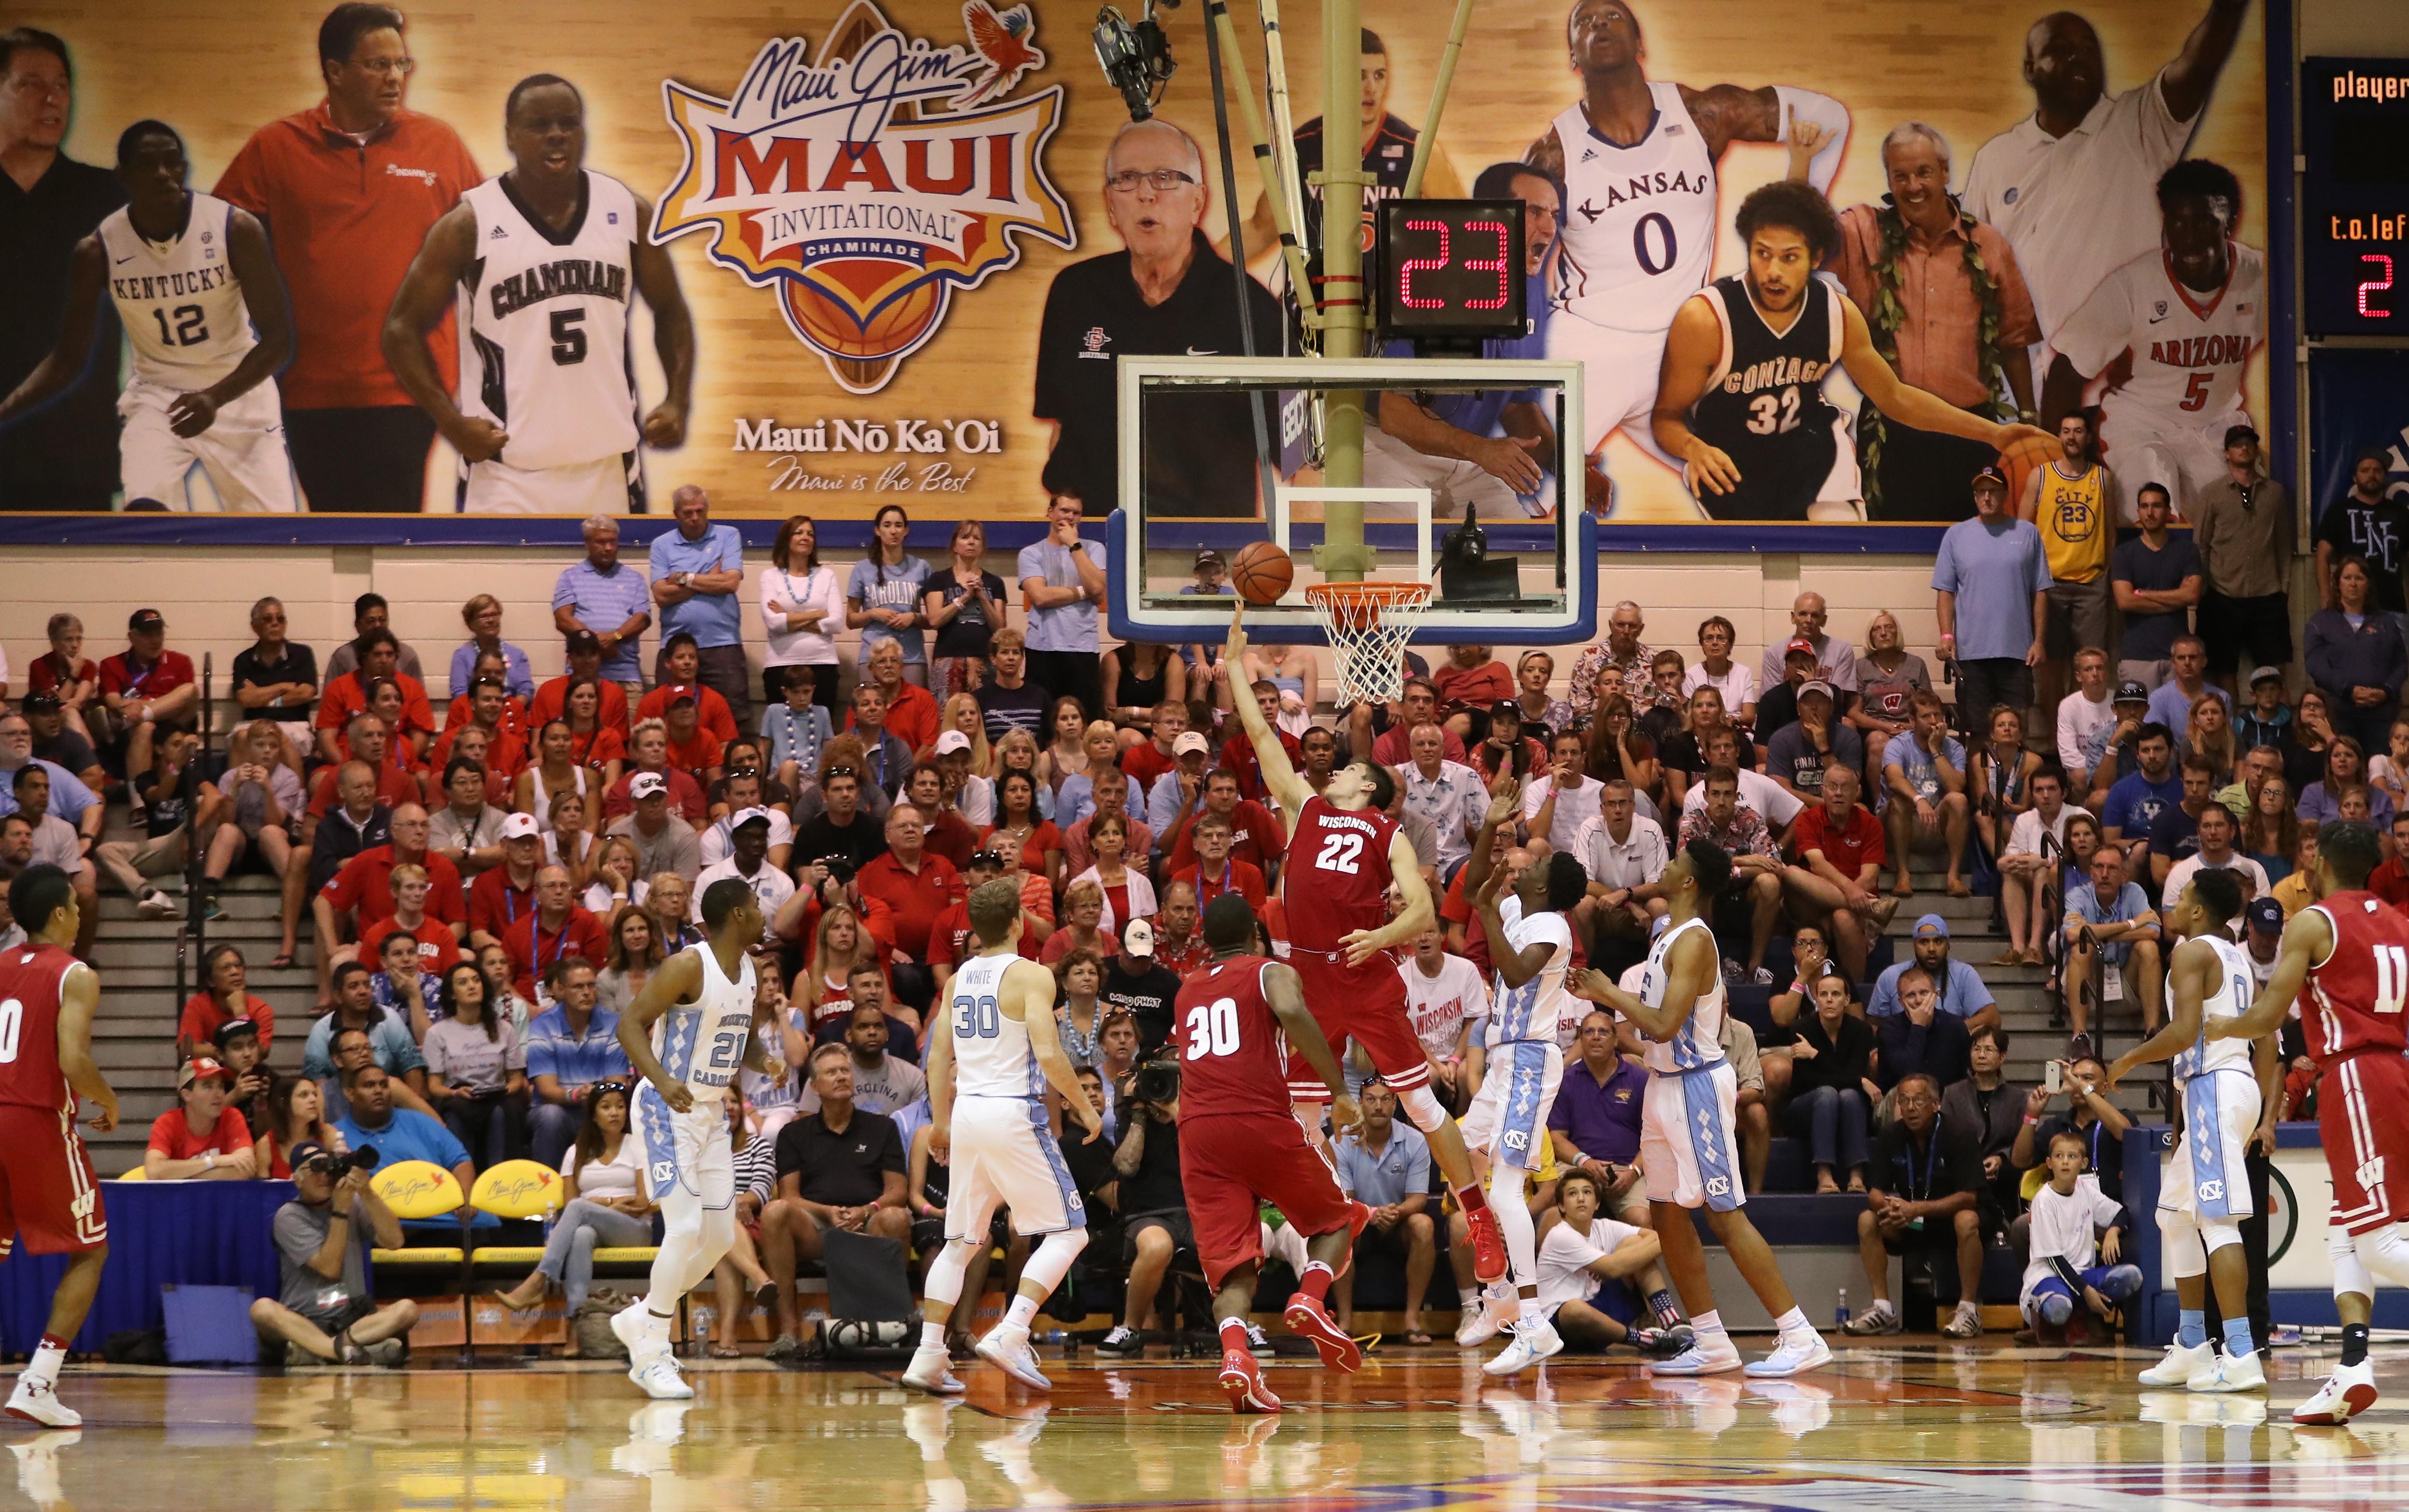 Maui Invitational - Wisconsin v North Carolina